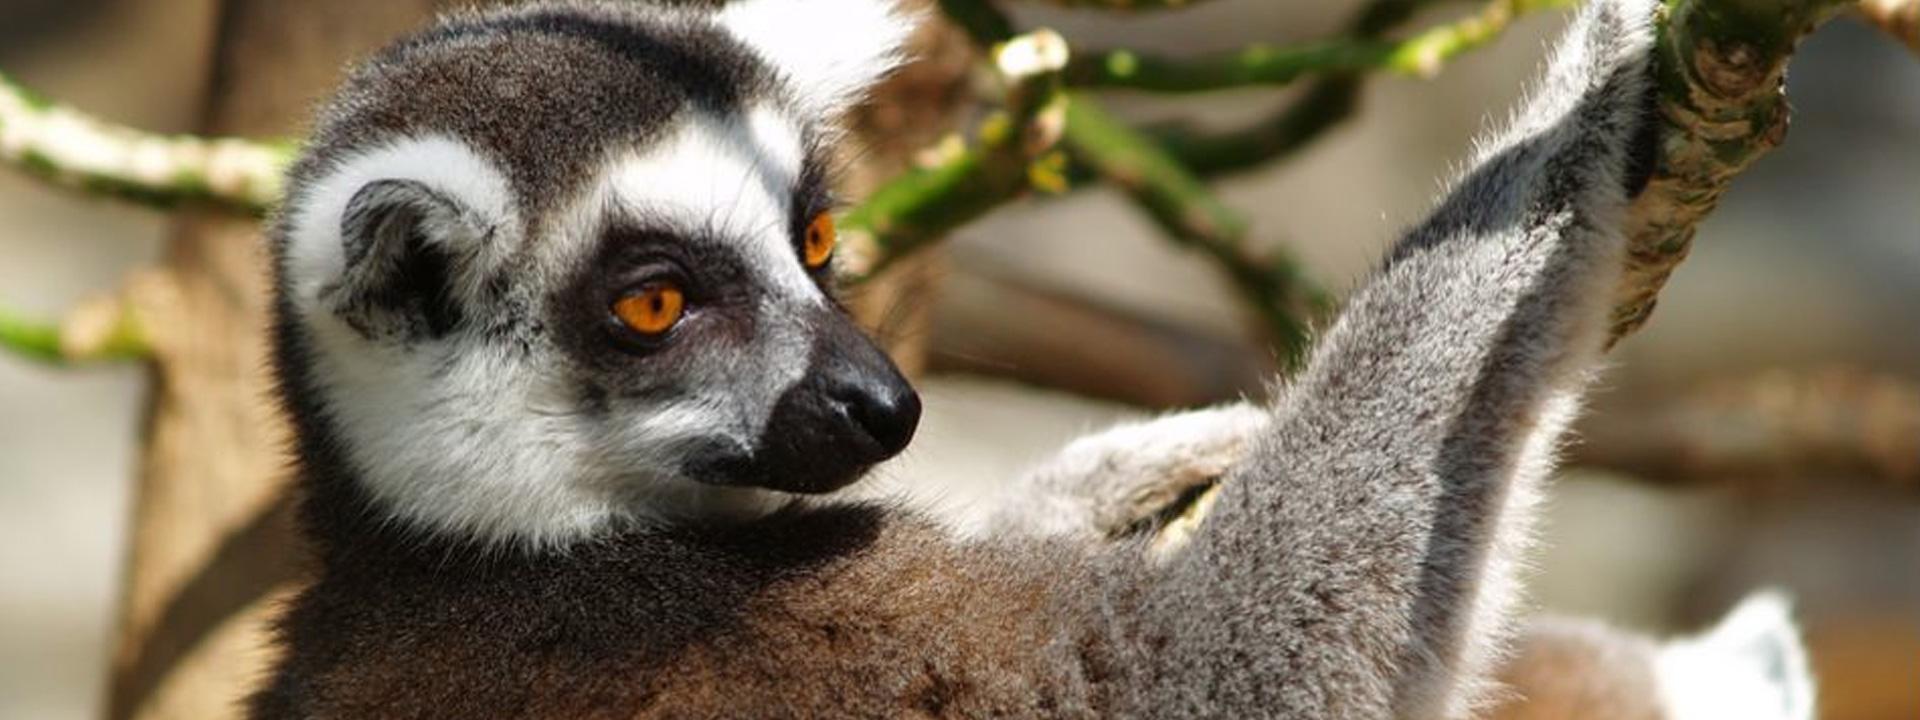 Crece la familia de lemures en Mundomar